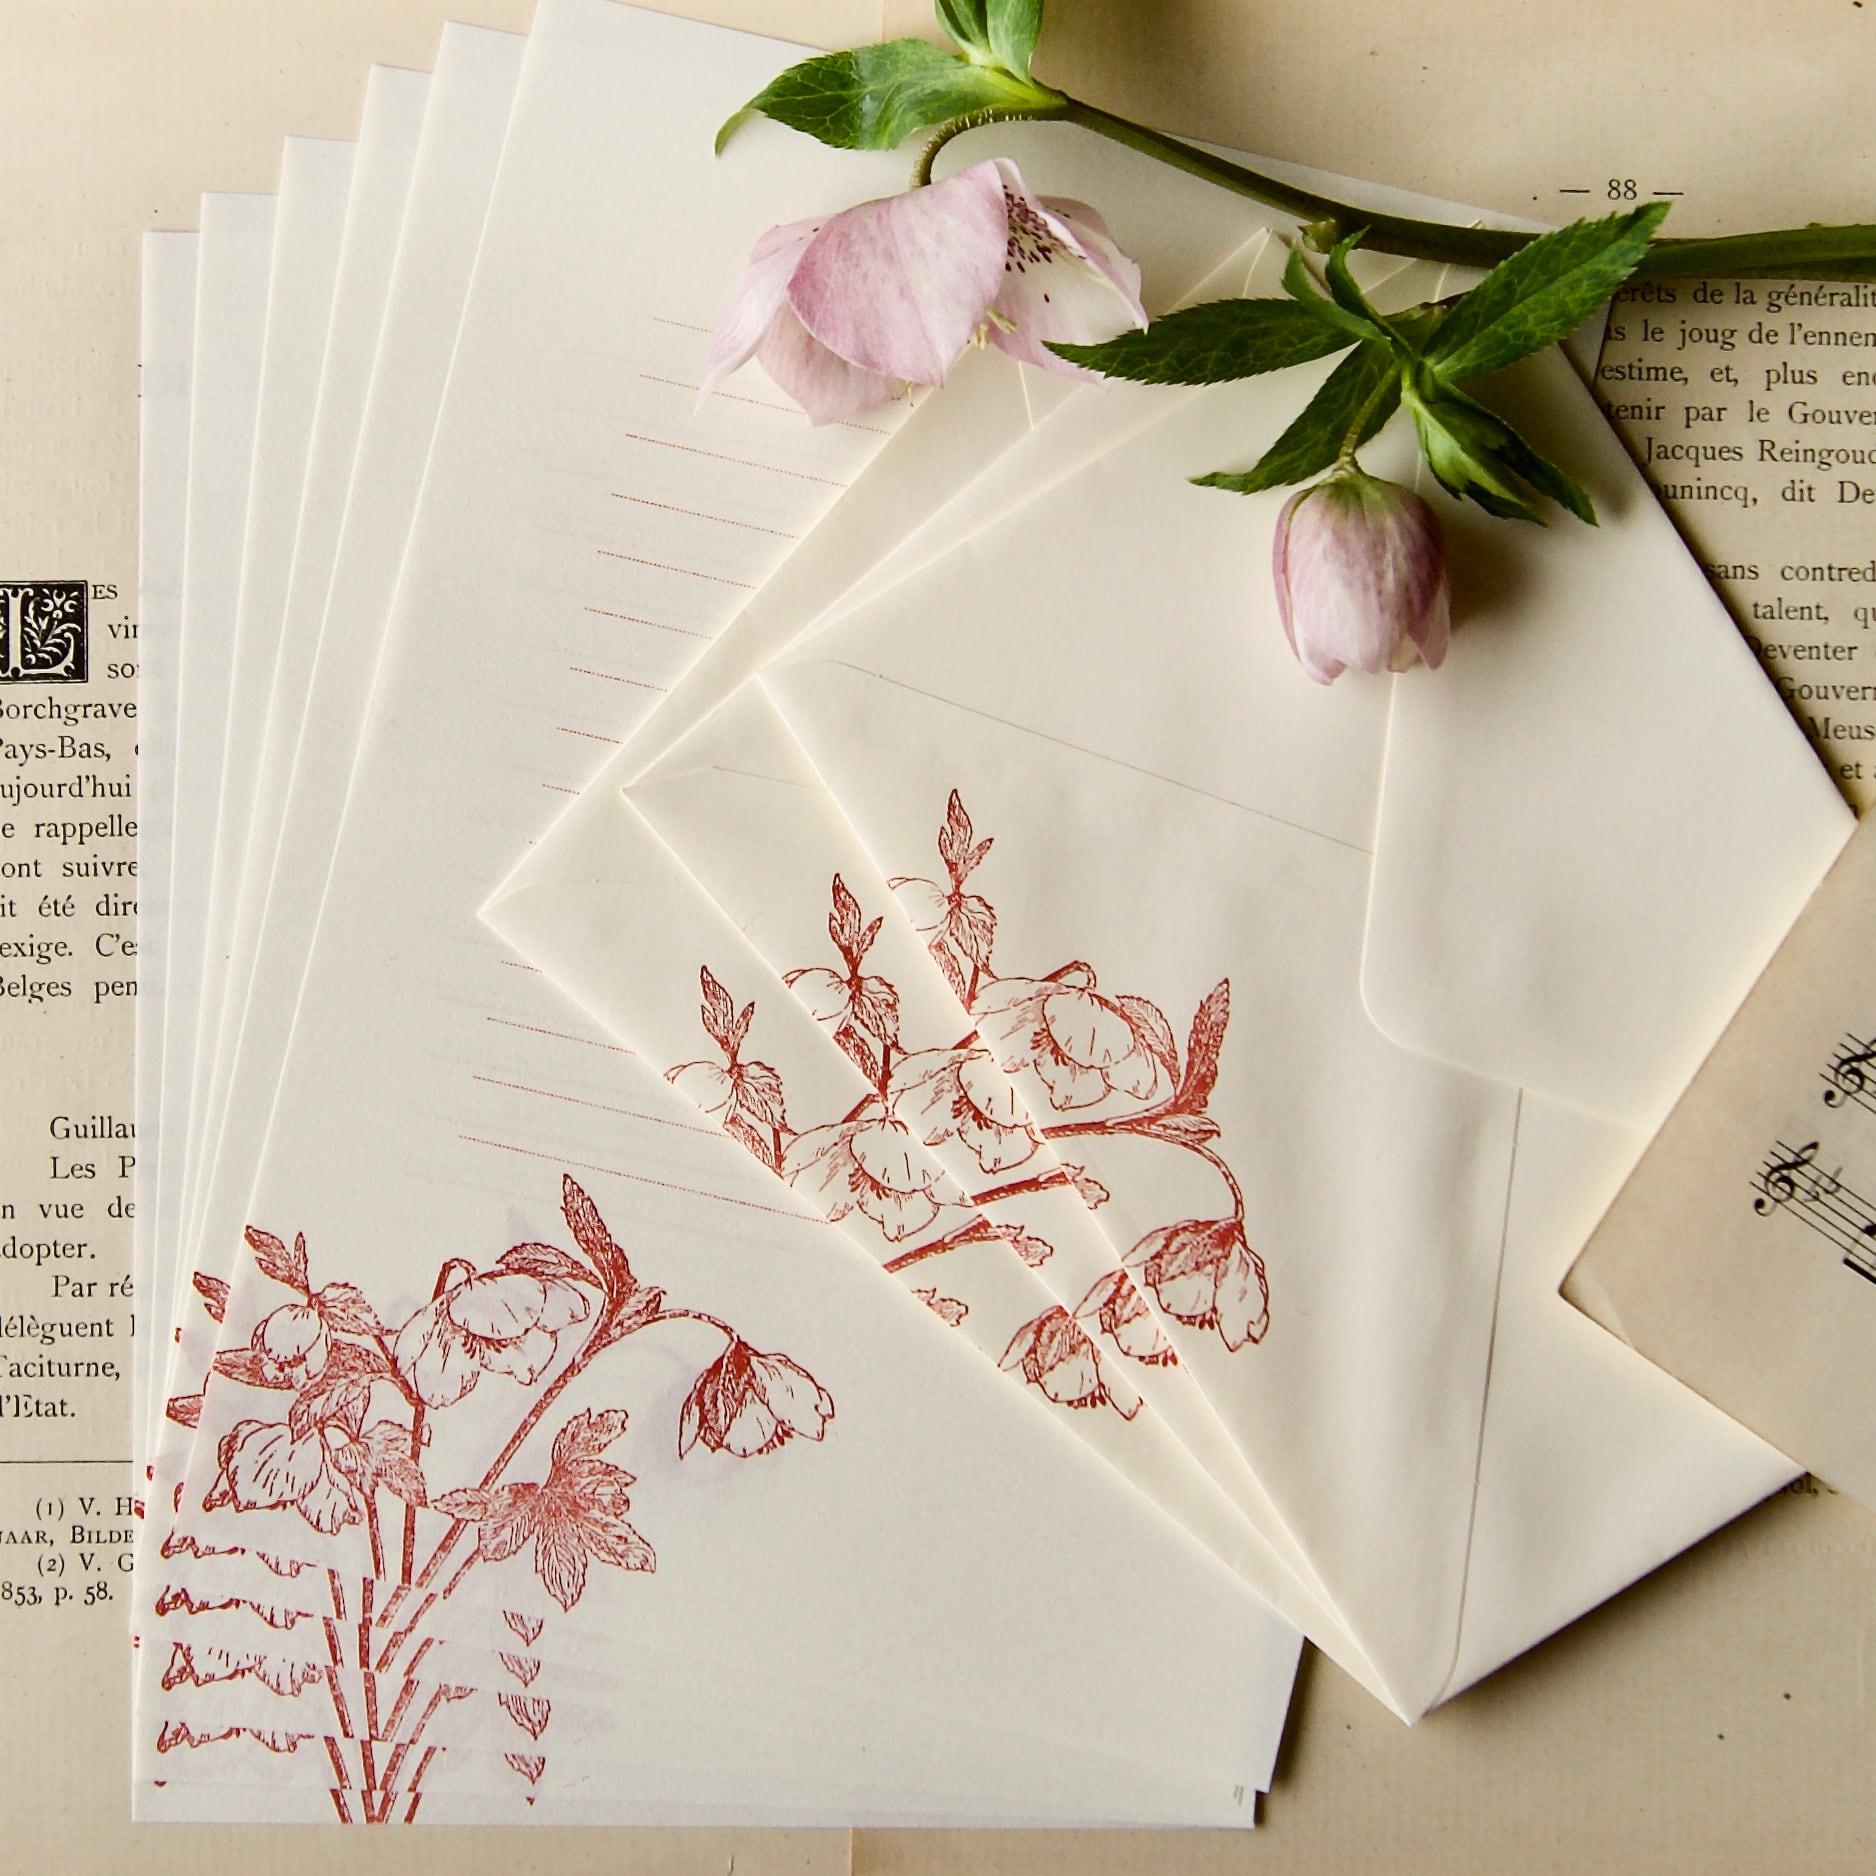 【レターセット】 クリスマスローズA / 便せん6枚+封筒3枚/活版印刷